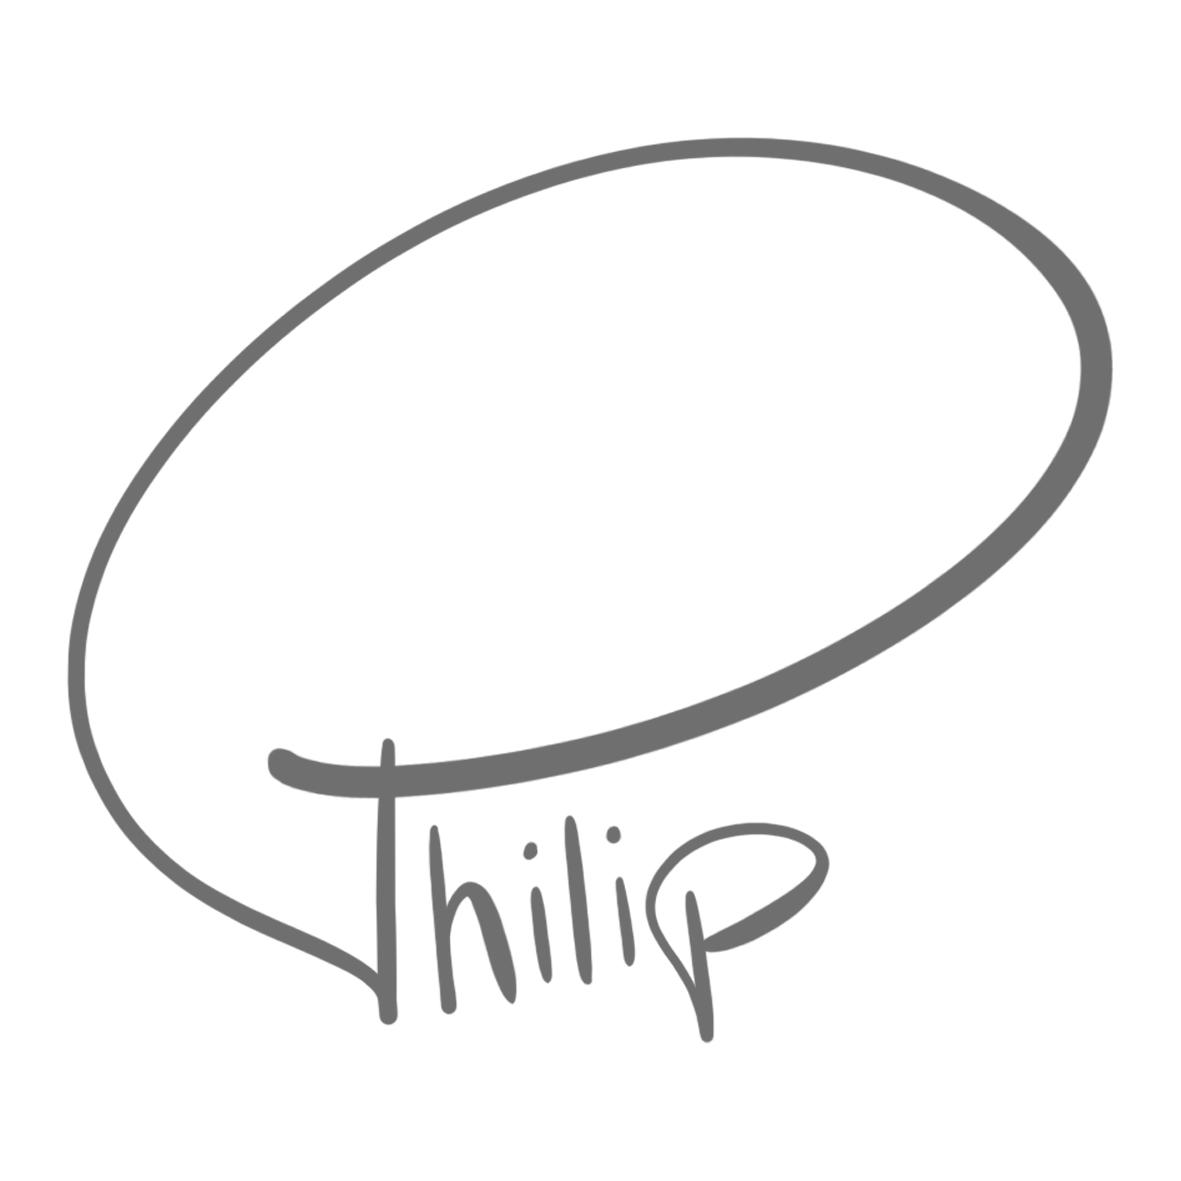 Philip Signature.jpg